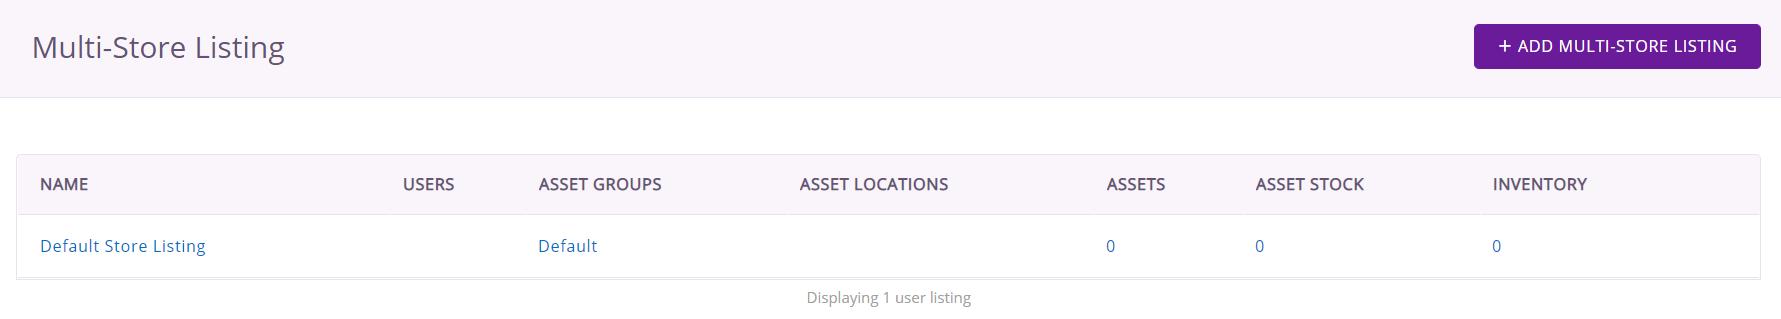 Default multi-store listing